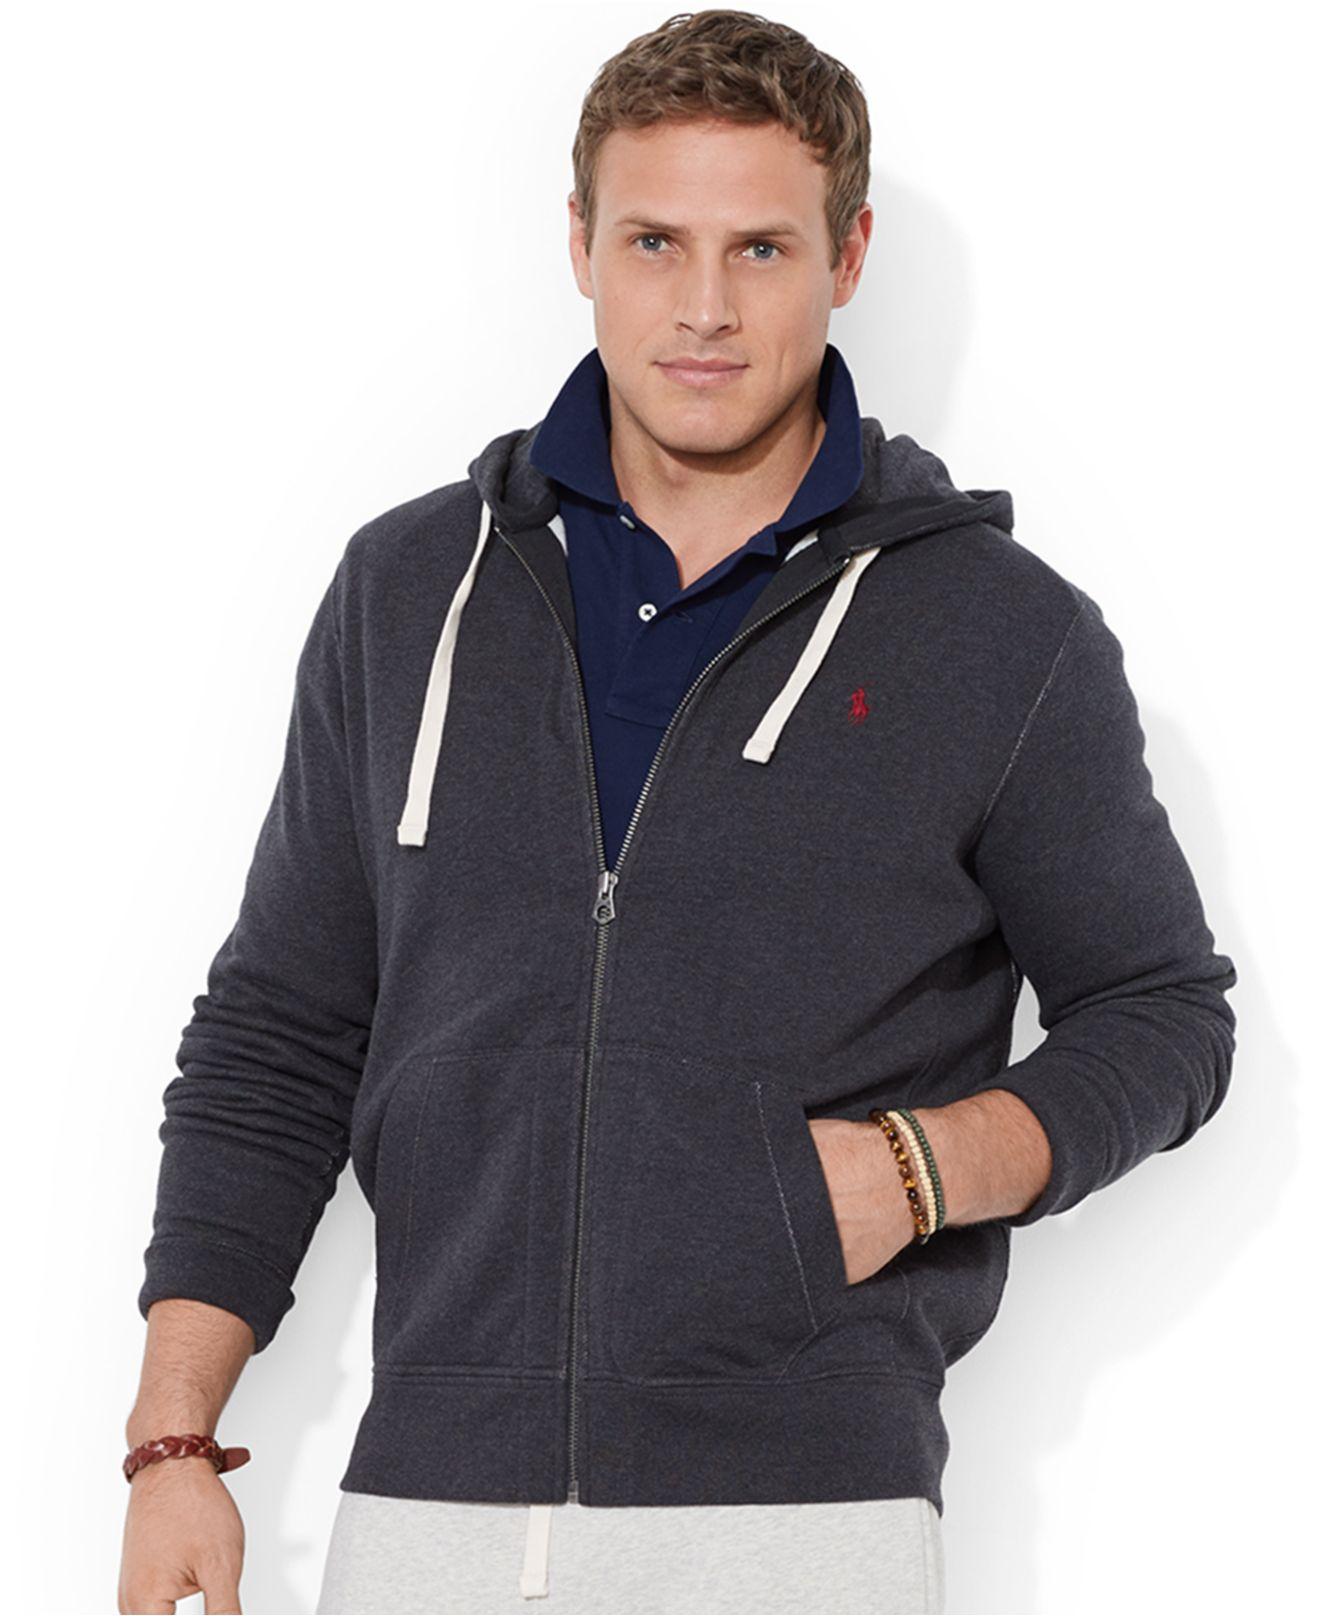 Ralph lauren hoodie cheap